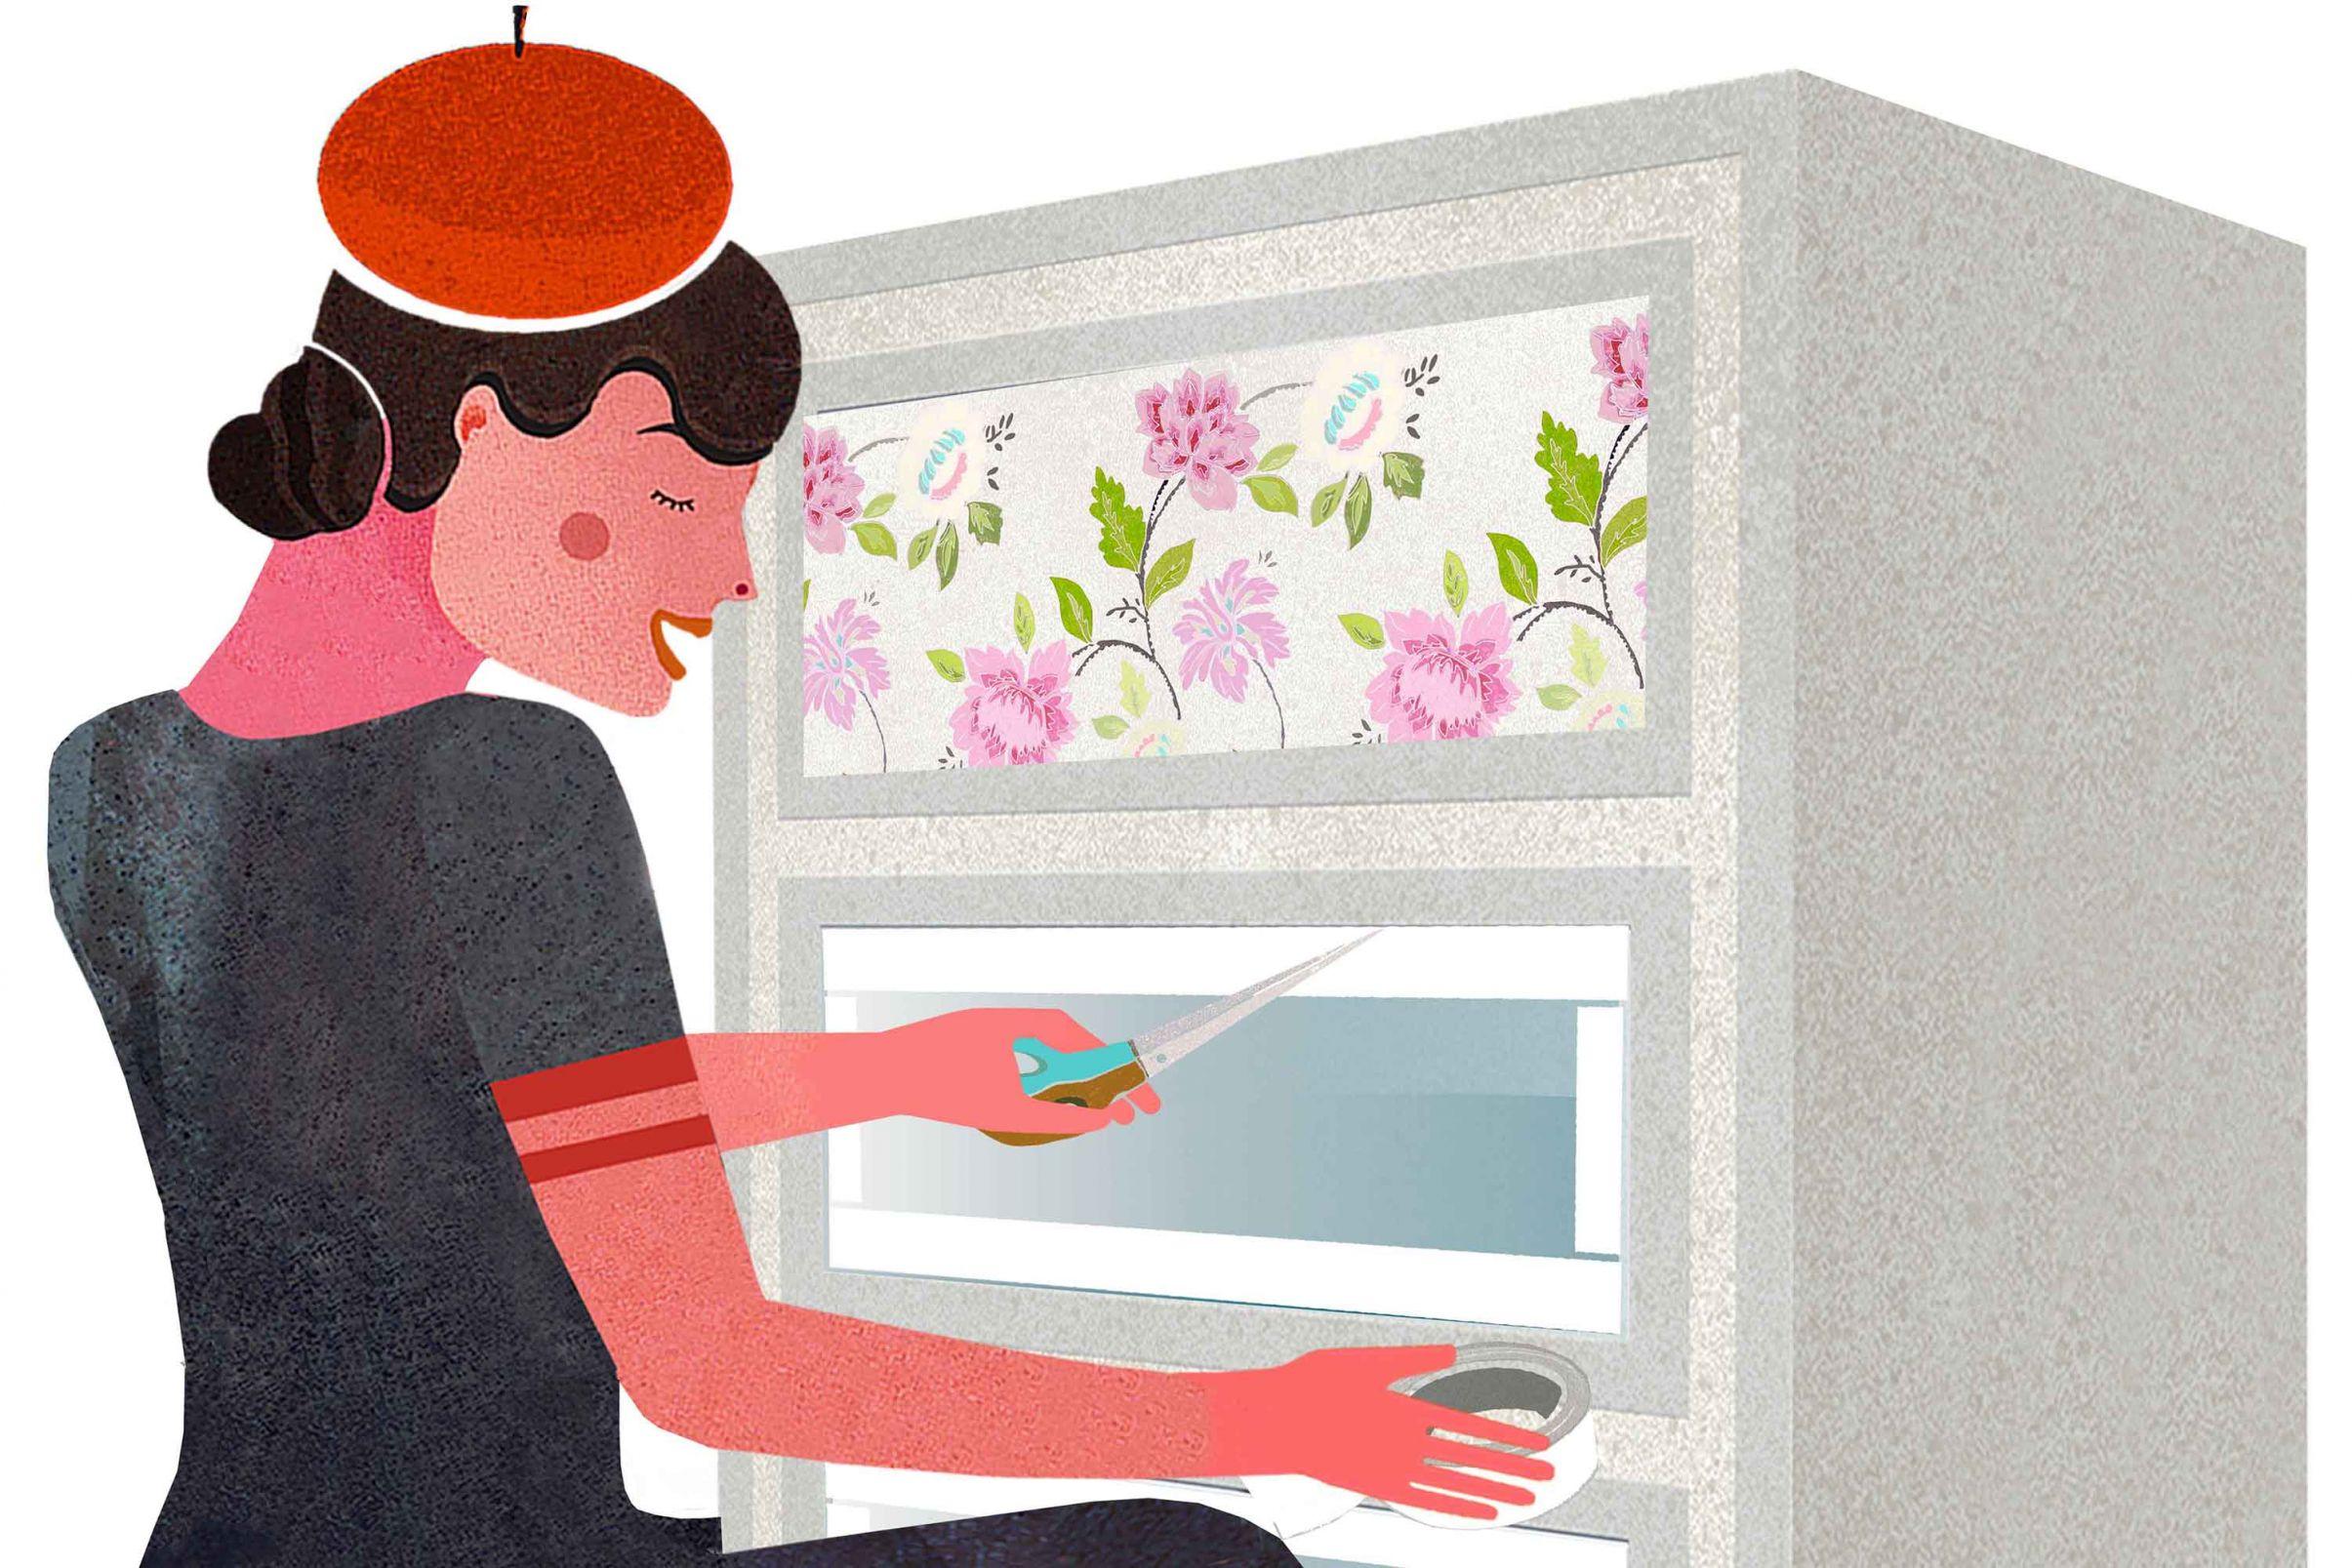 Comment-decorere-des-meubles-avec-du-papier-peint-Pour-les-surfaces-en-verre-utiliser-du-ruban-adhesif-double-face